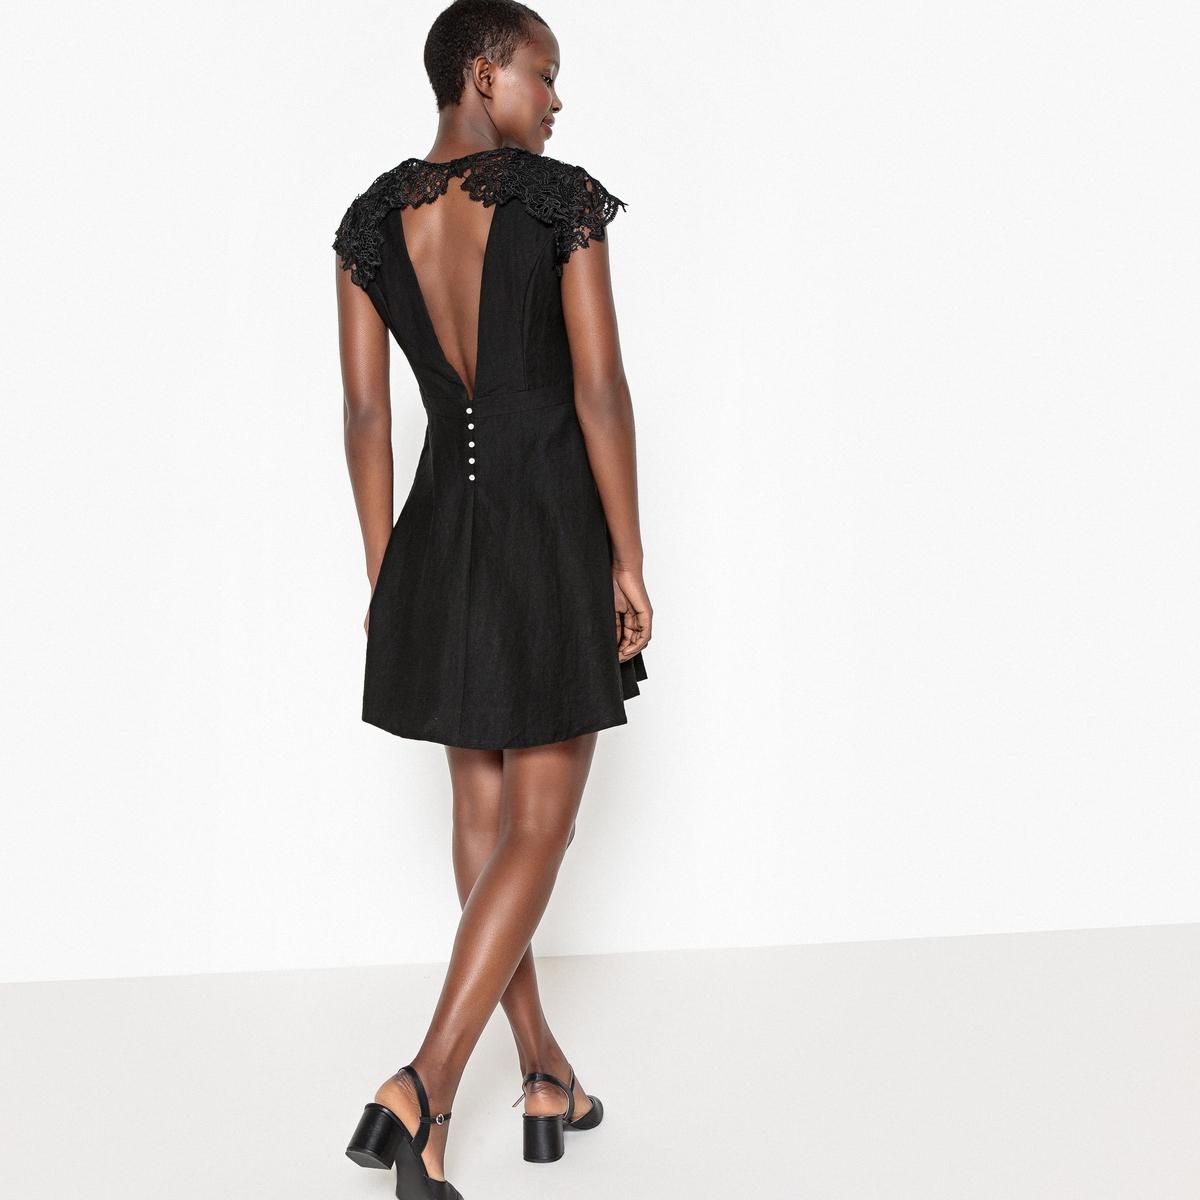 Платье с открытой спинойДетали •  Форма: расклешенная. •  Укороченная модель. •  Короткие рукава.    •  Круглый вырез.Состав и уход •  100% полиэстер. •  Подкладка: 100% полиэстер. •  Следуйте советам по уходу, указанным на этикетке.<br><br>Цвет: черный